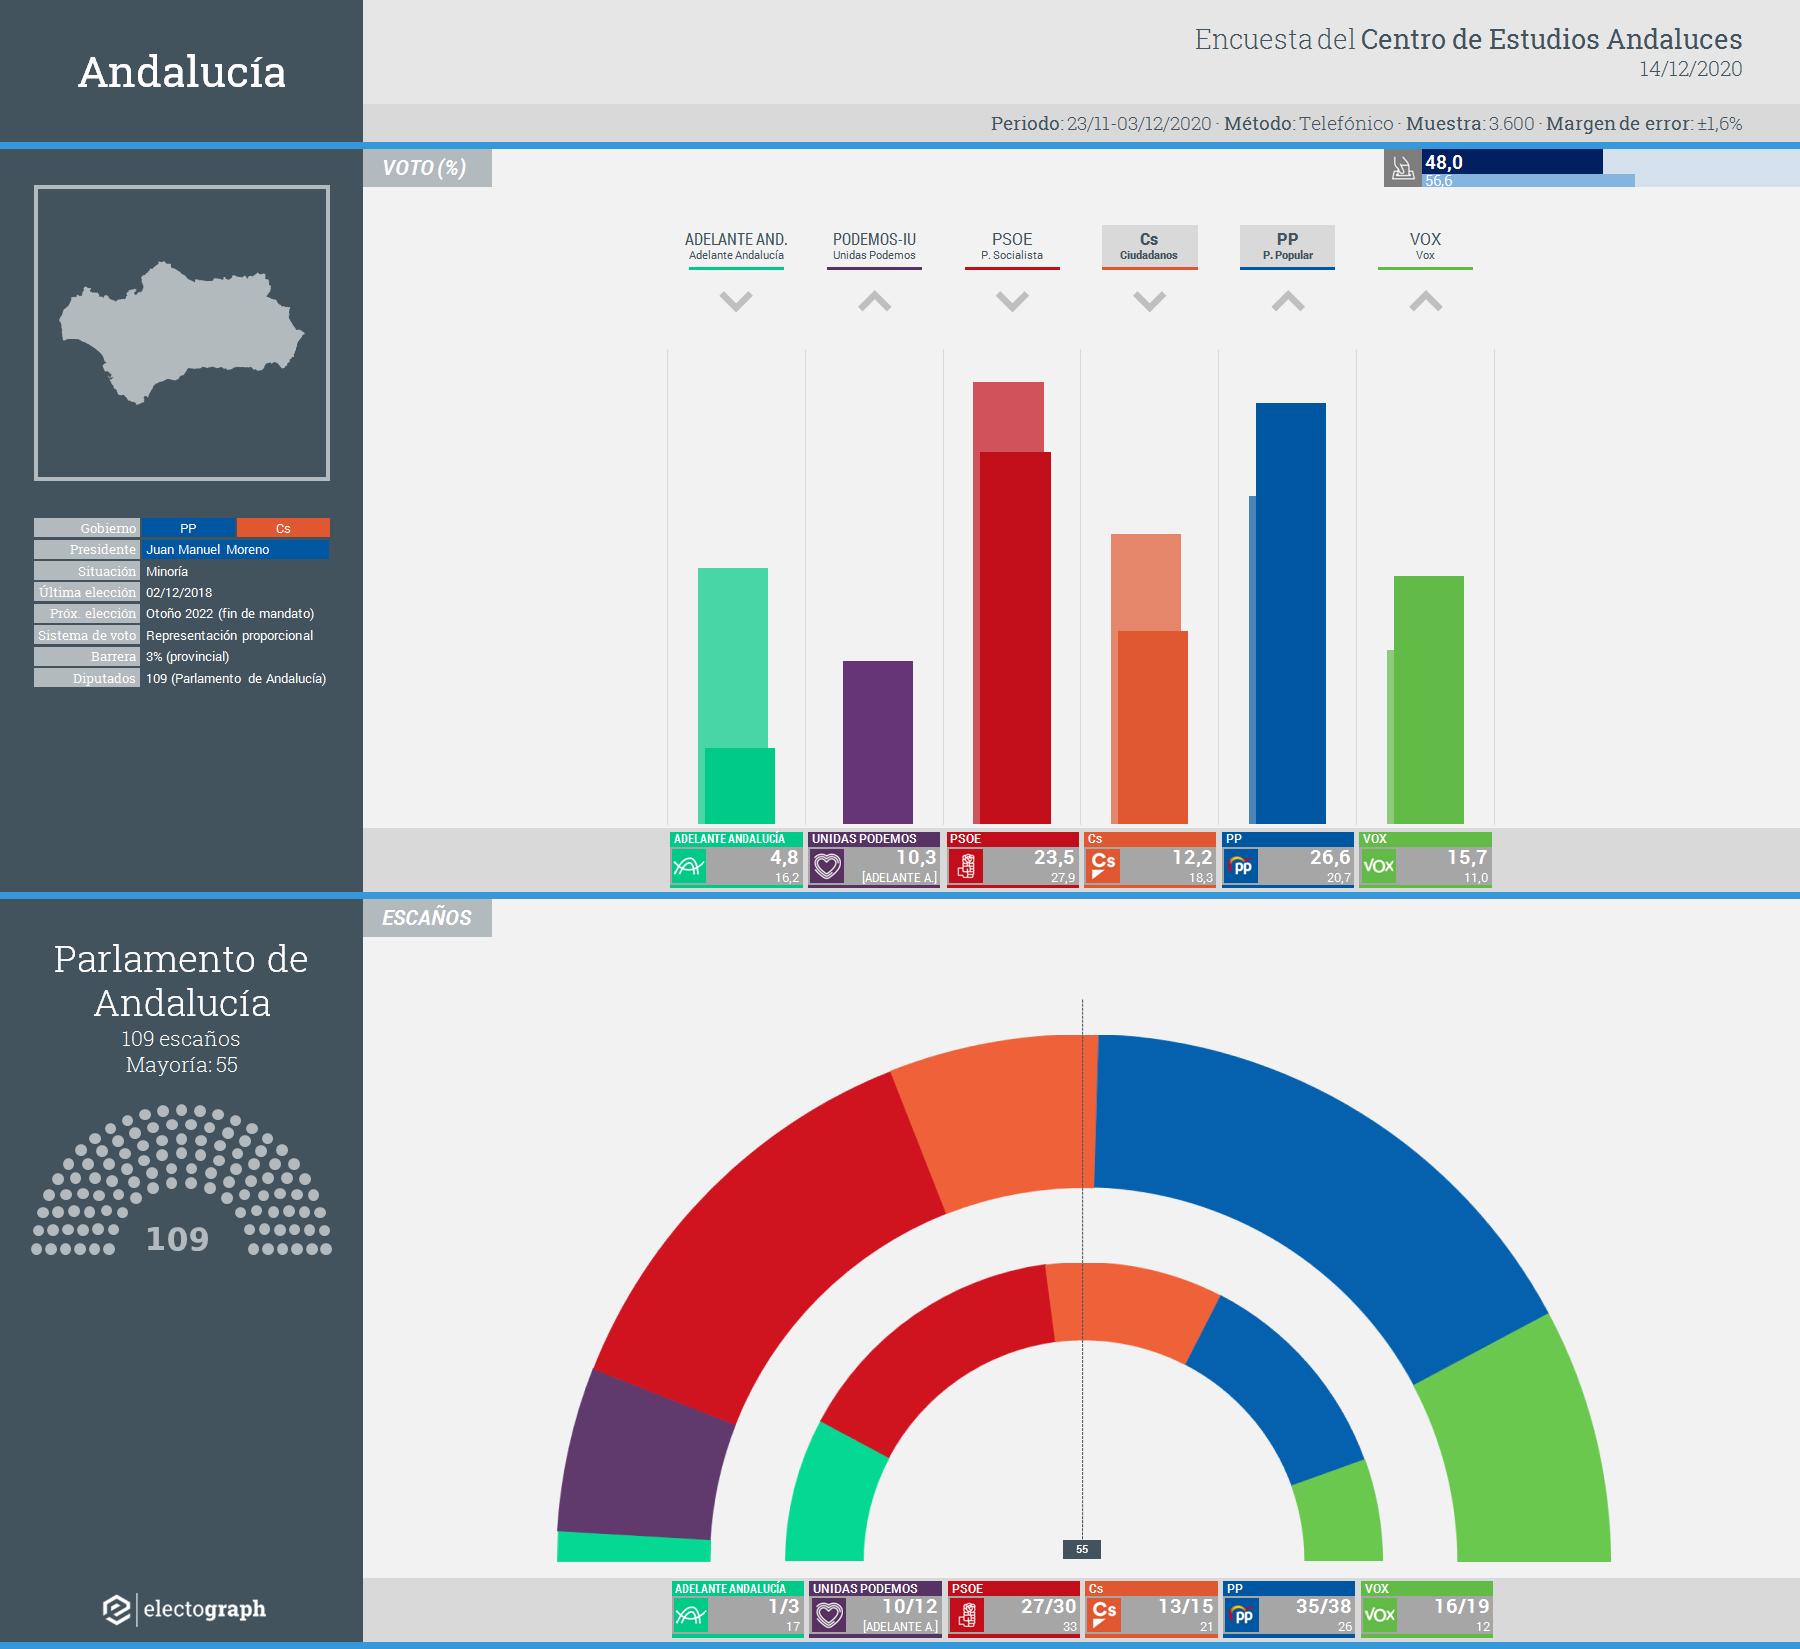 Gráfico de la encuesta para elecciones autonómicas en Andalucía realizada por el Centro de Estudios Andaluces, 14 de diciembre de 2020